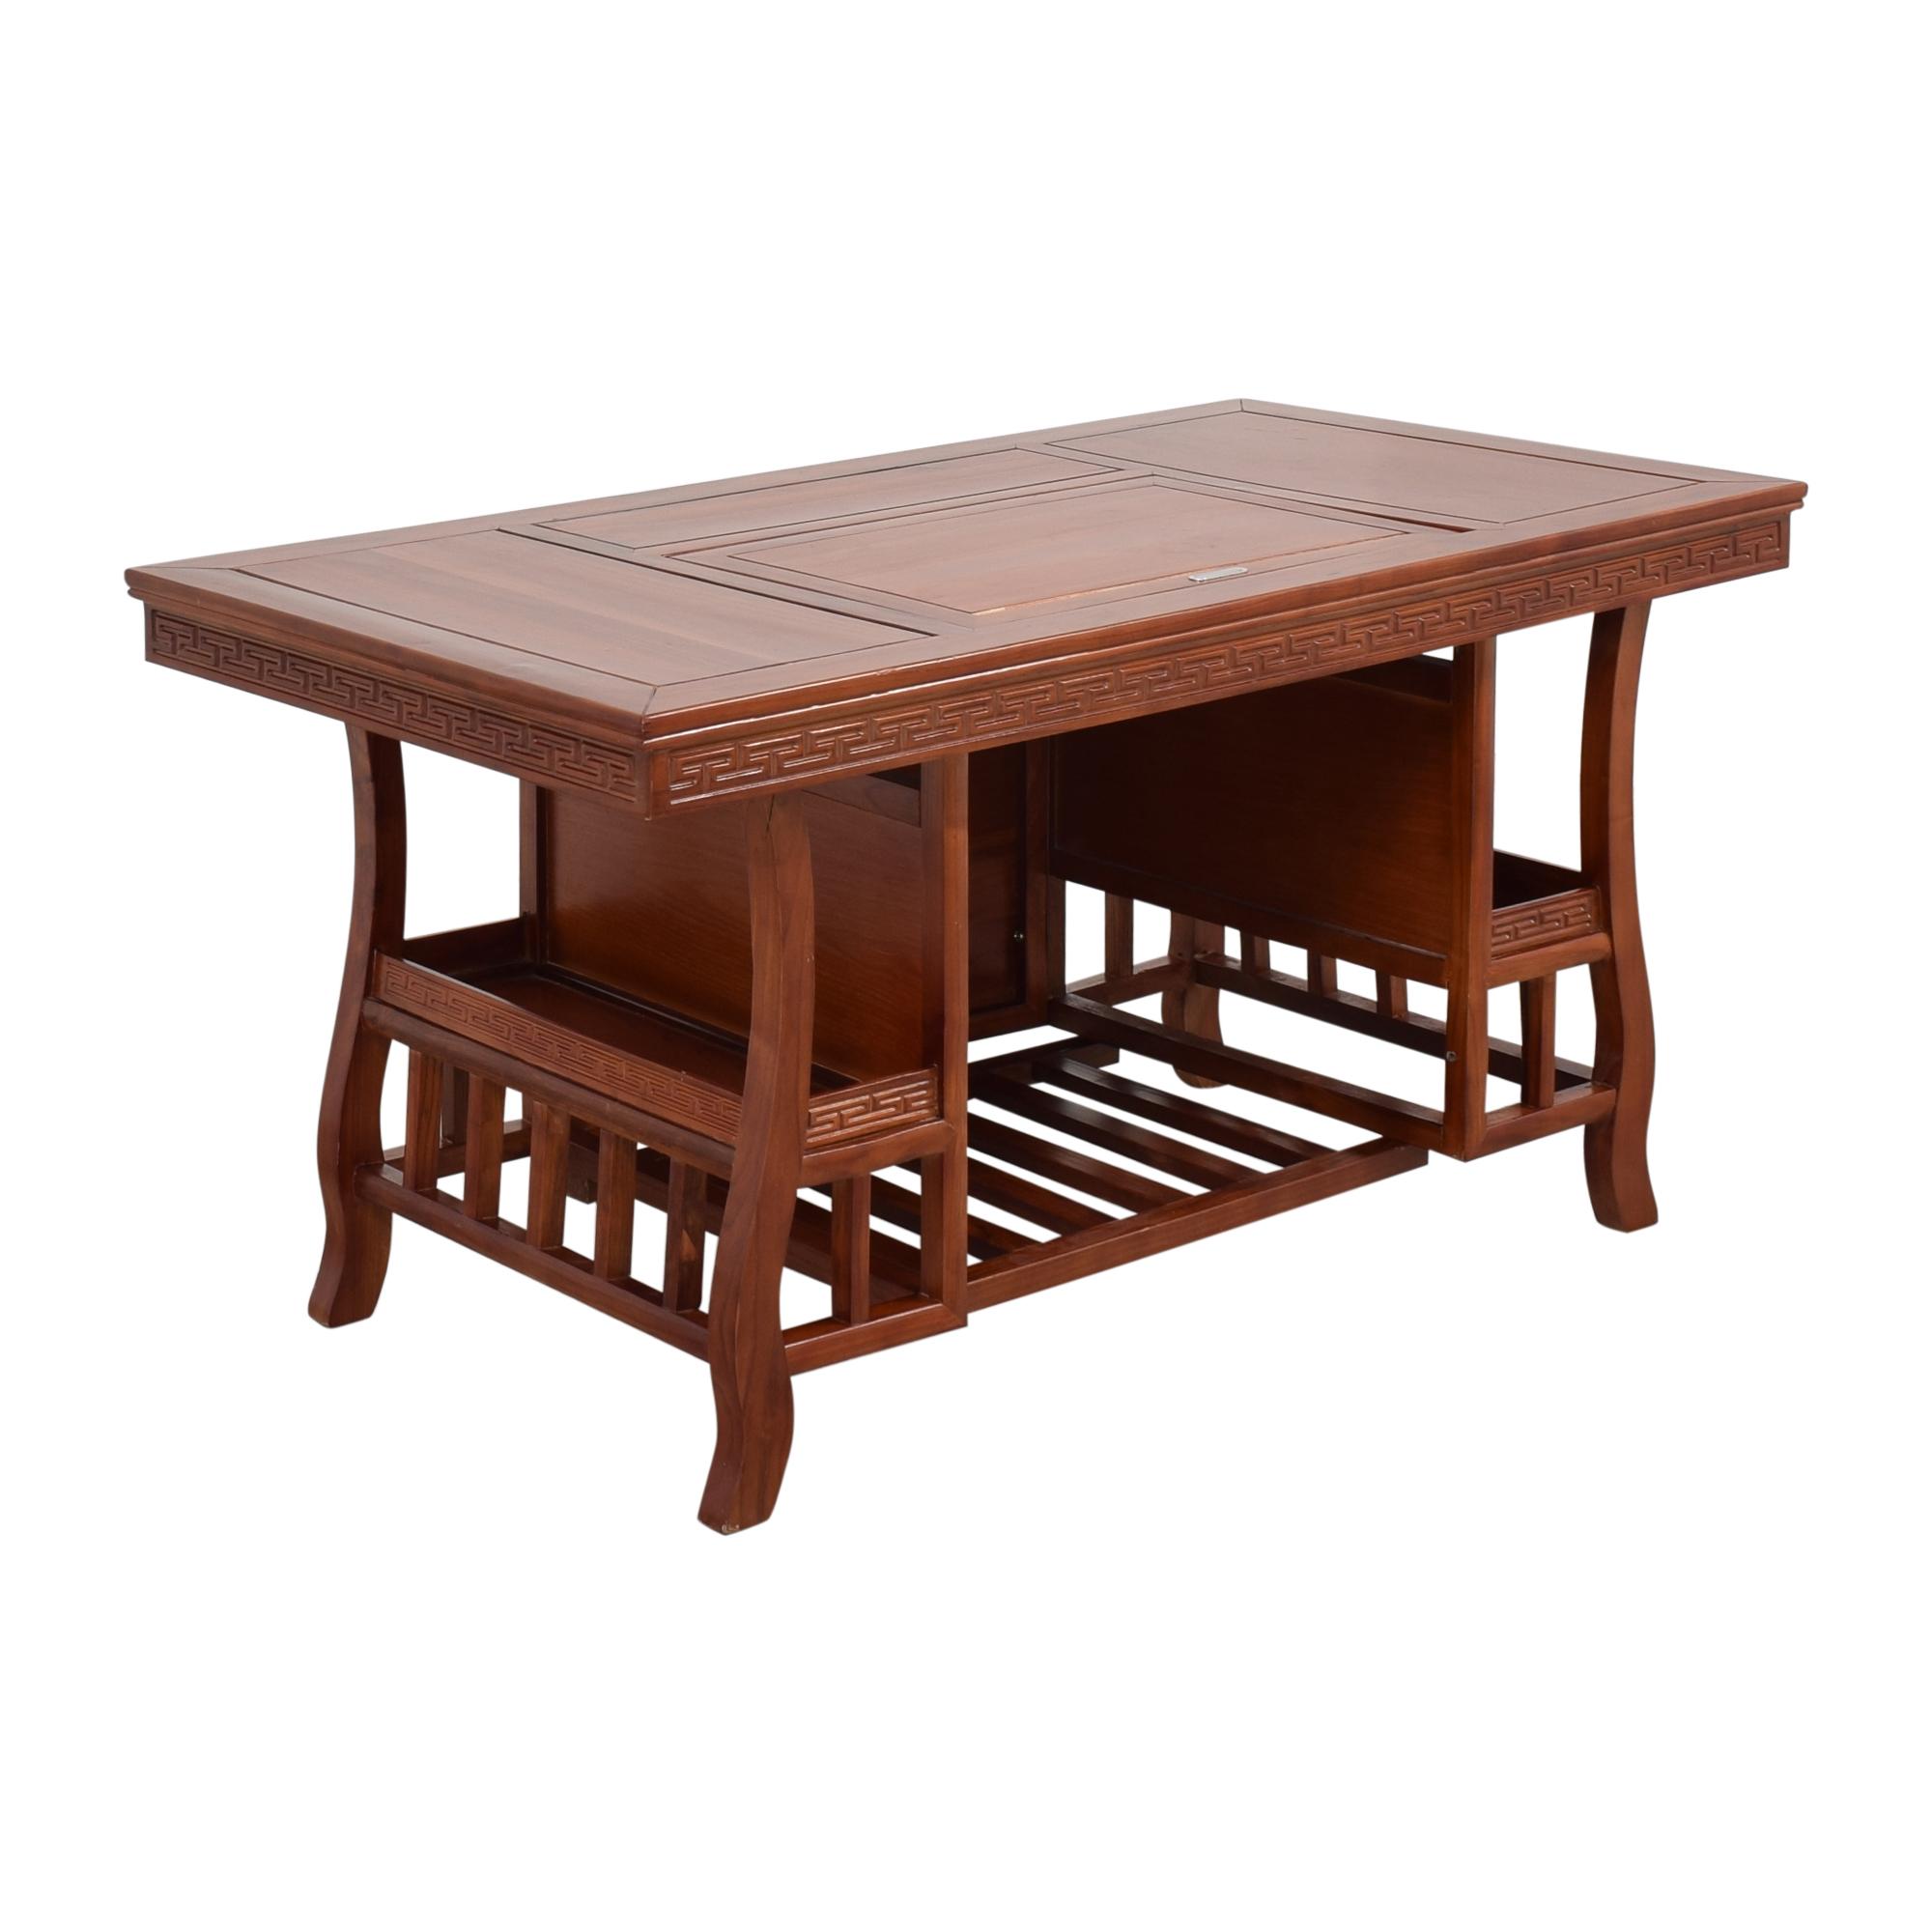 Tea Table used